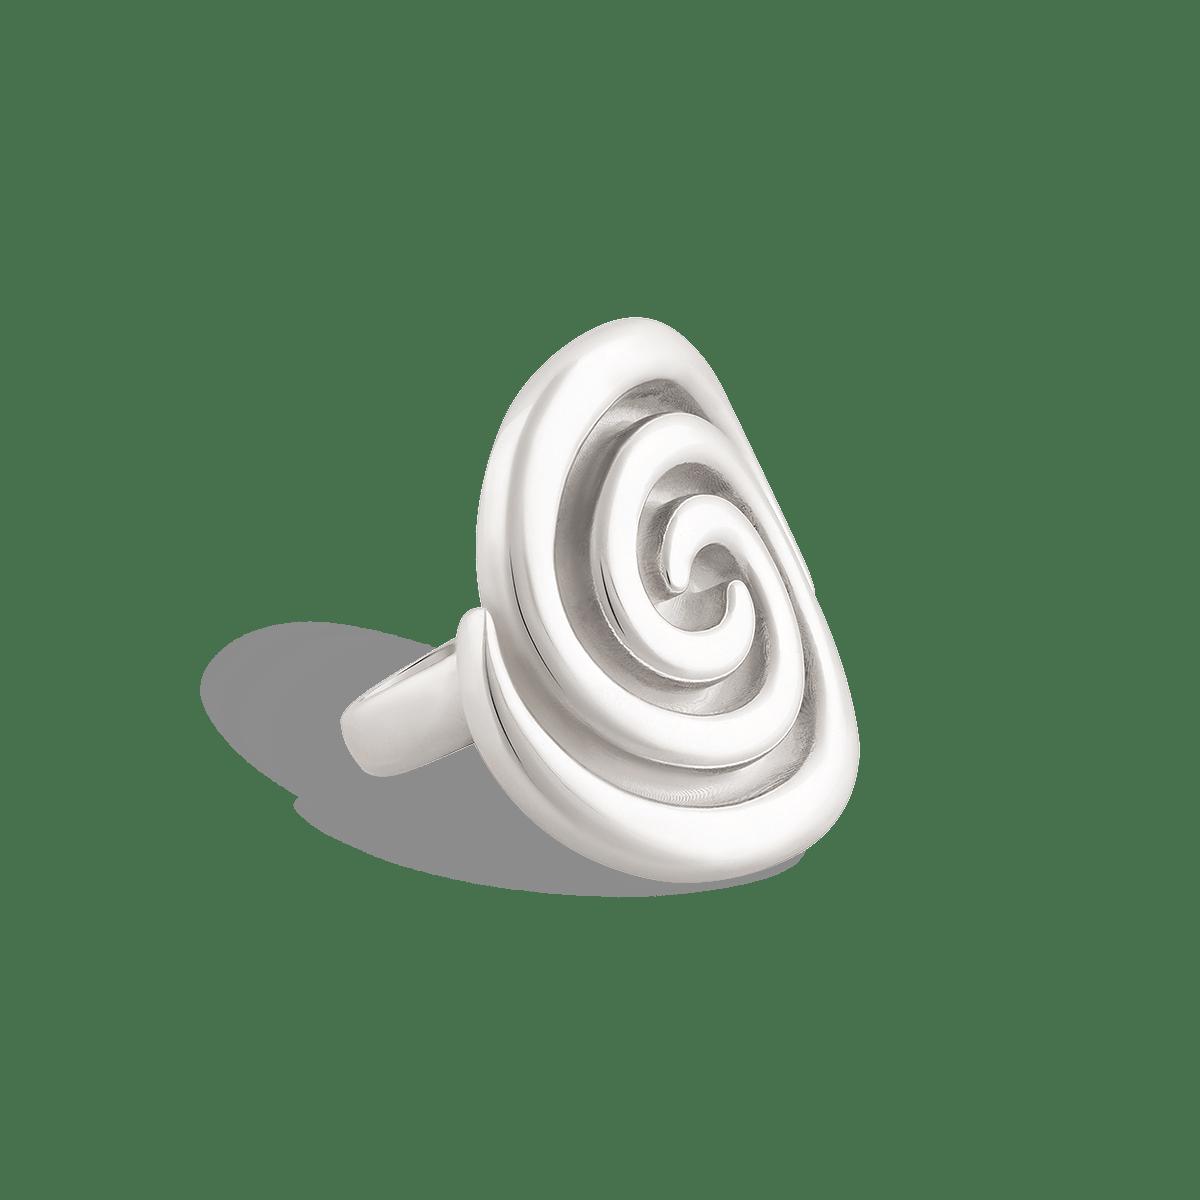 انگشتر نقره سرکل Circle